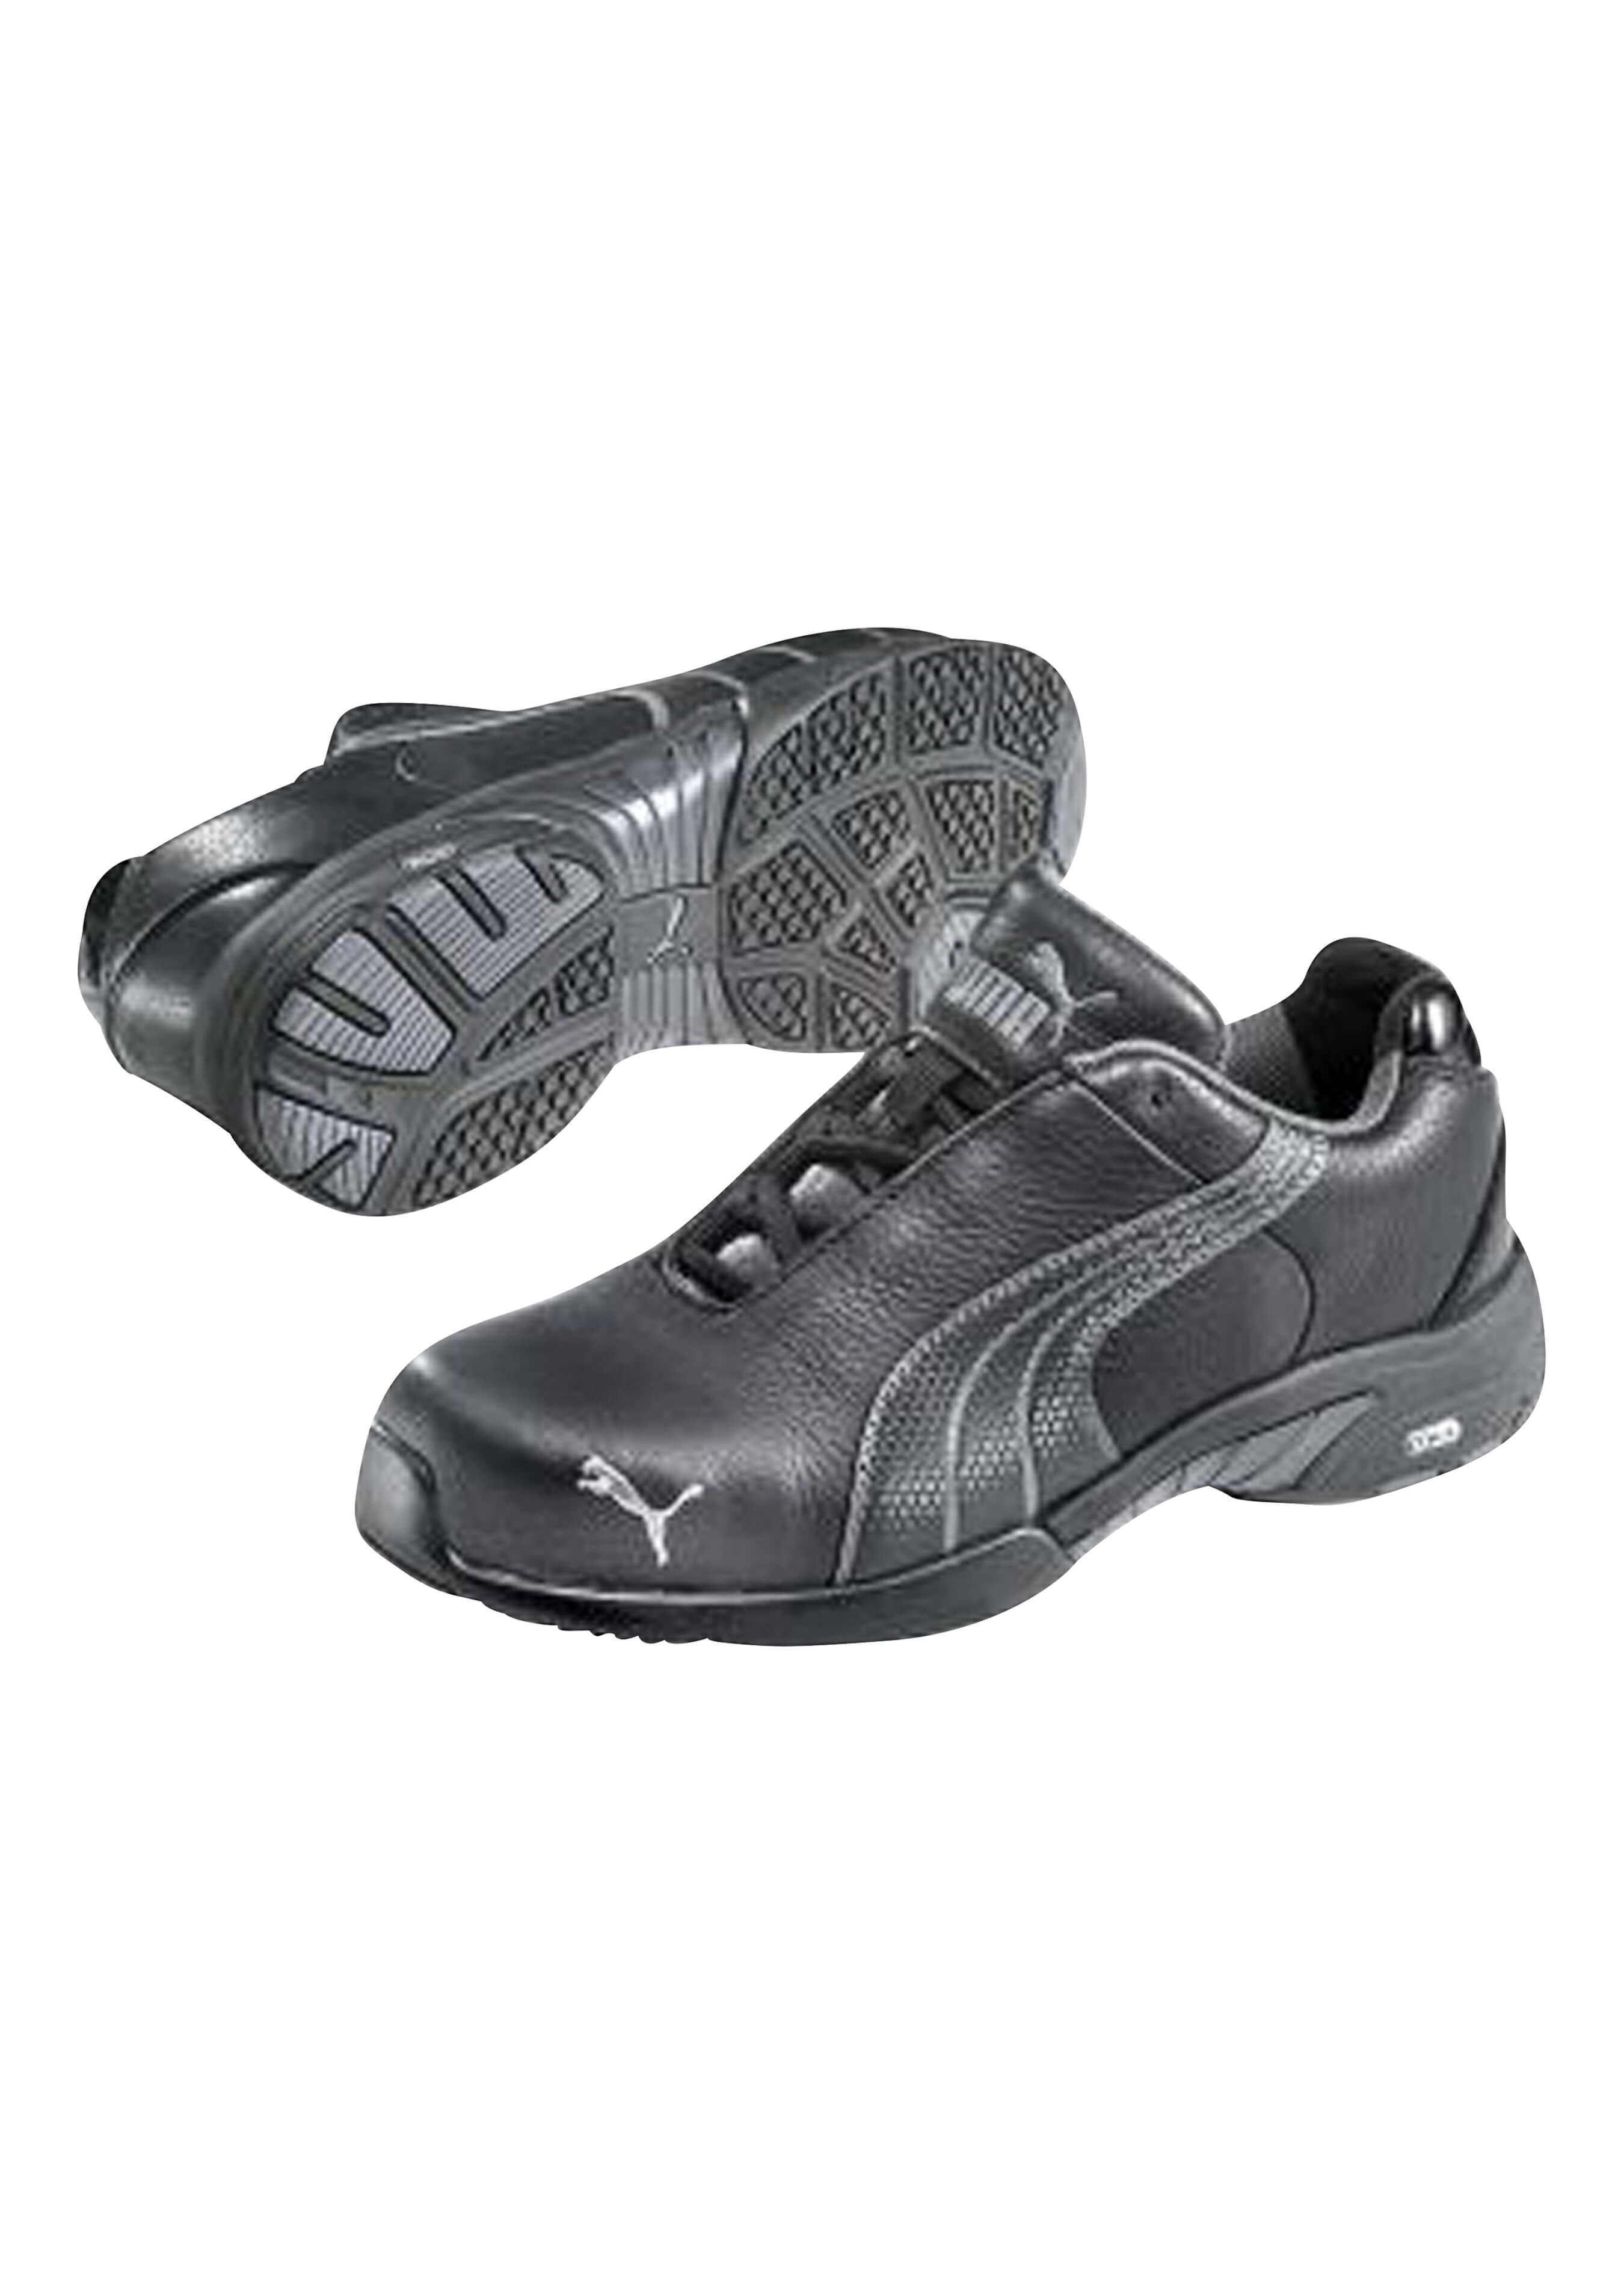 Chaussure de sécurité S3 pour dames L427636 1